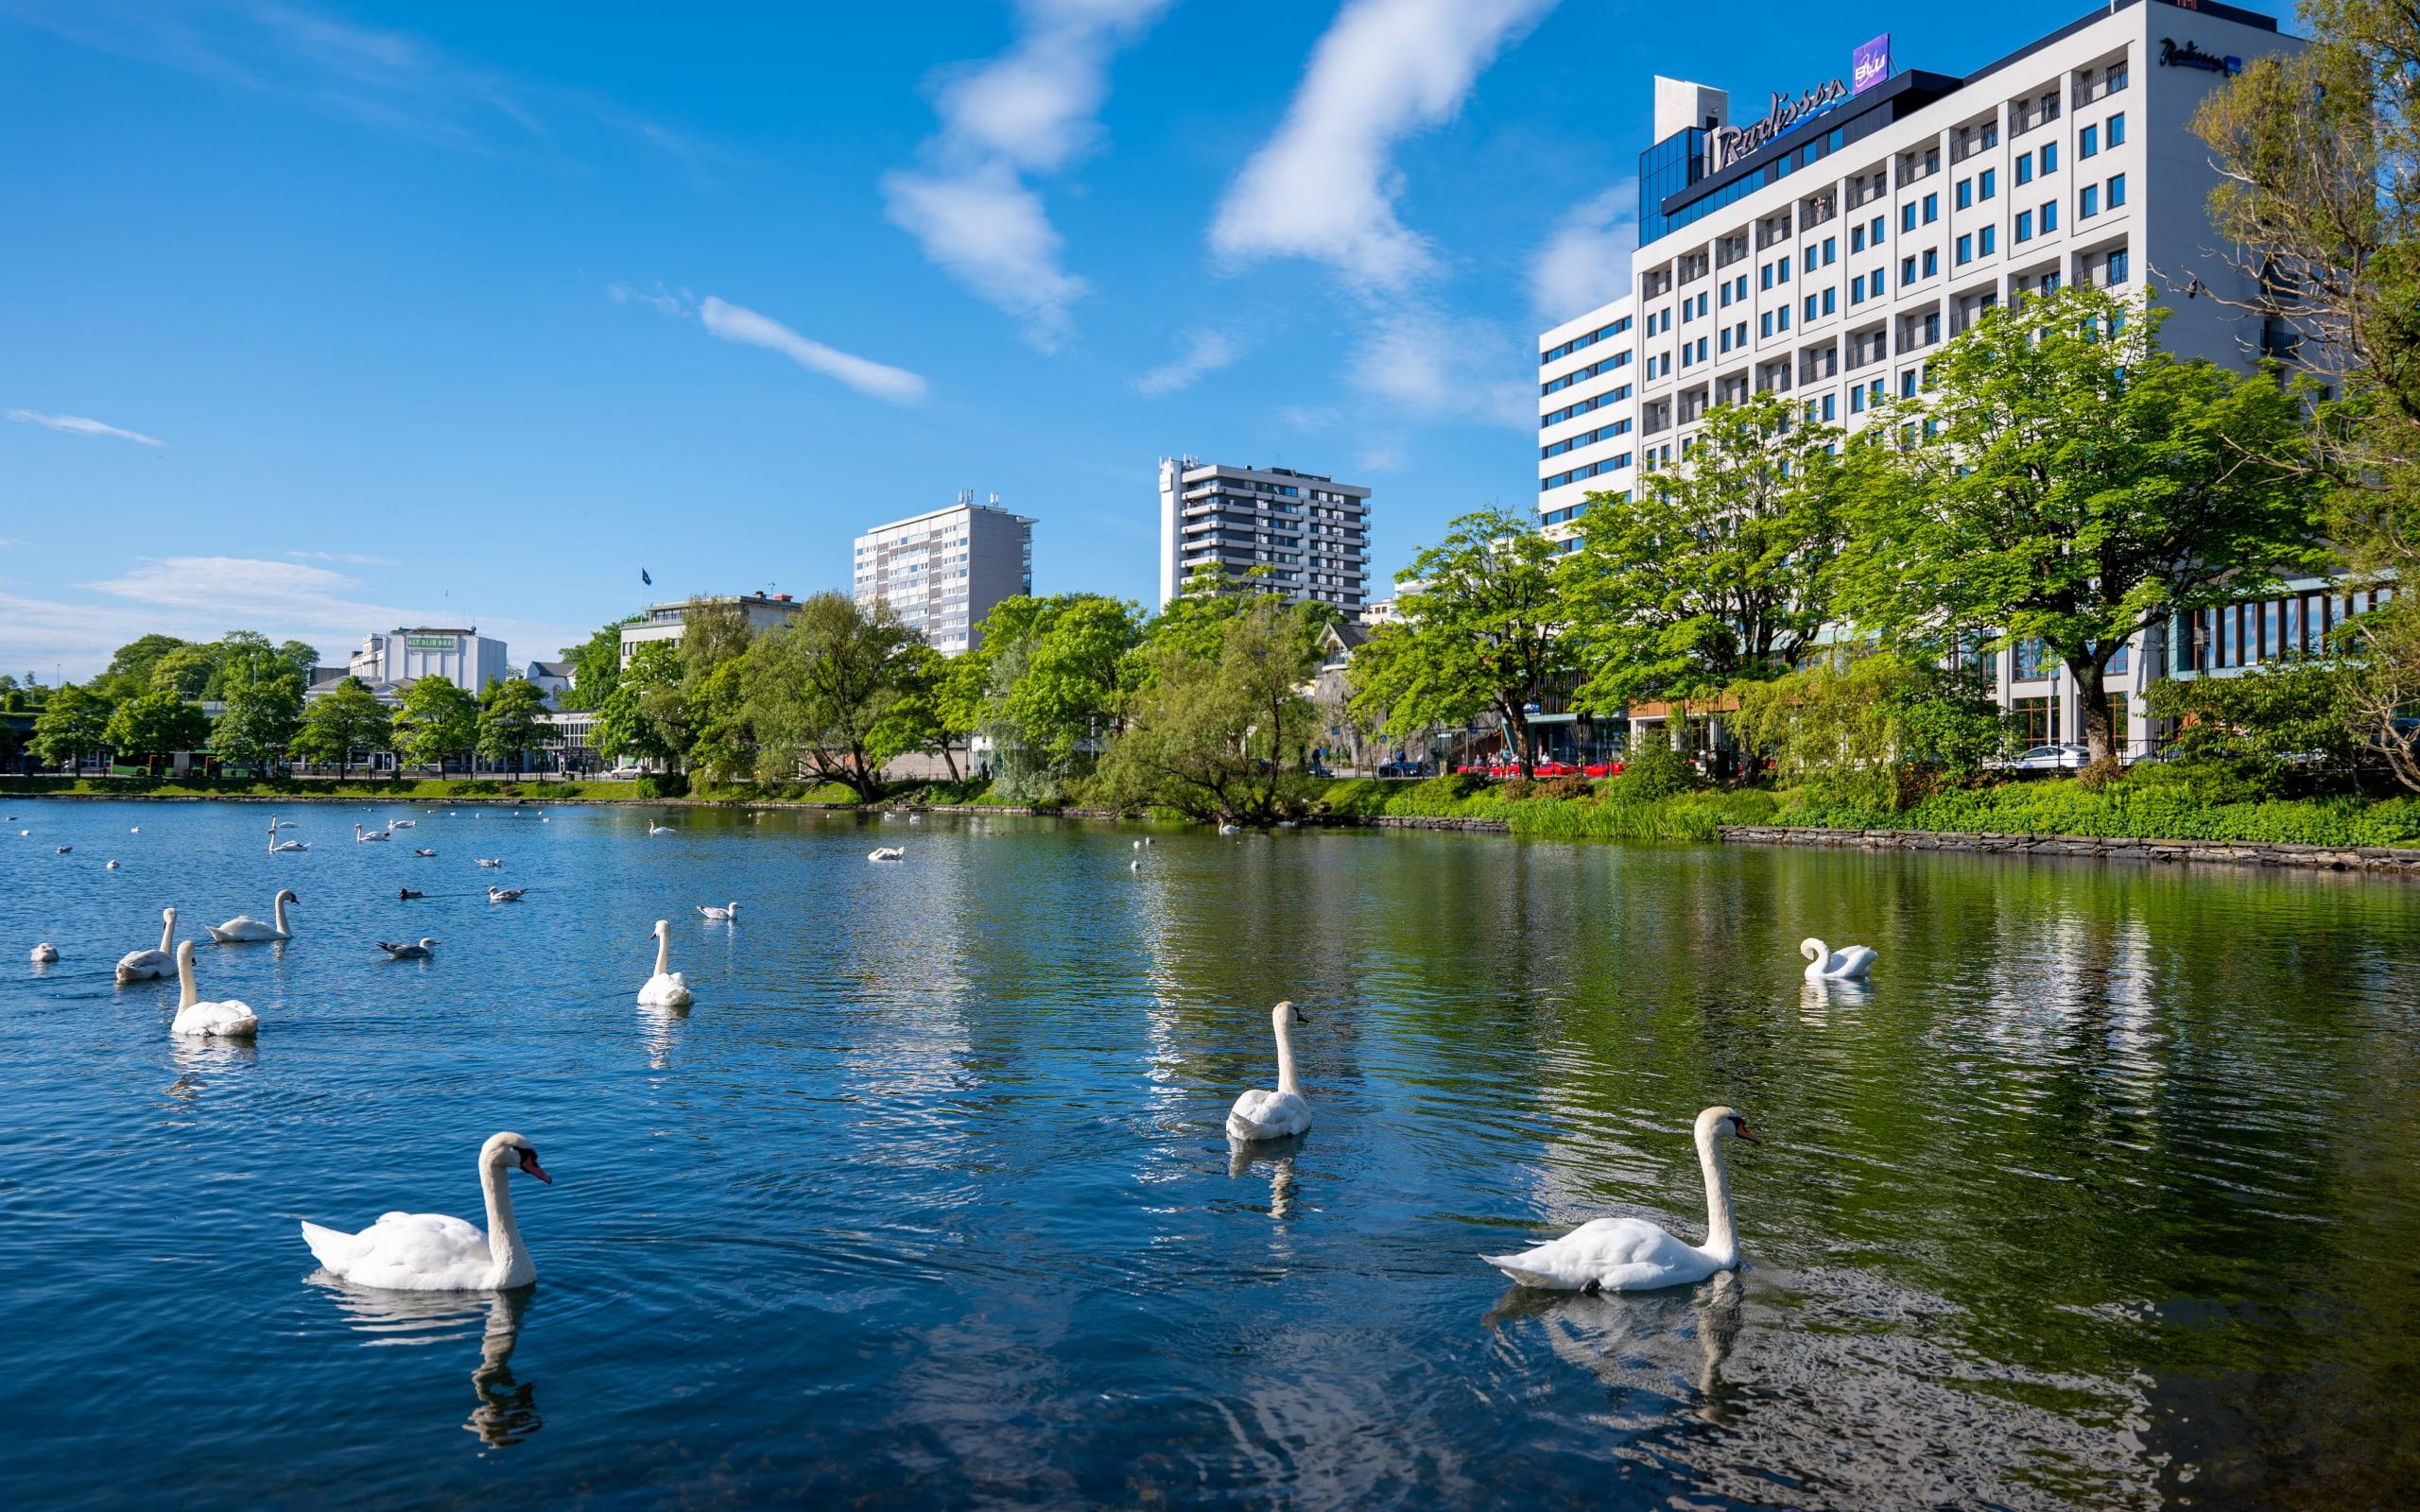 Swans swimming around in Breiavatnet in Stavanger